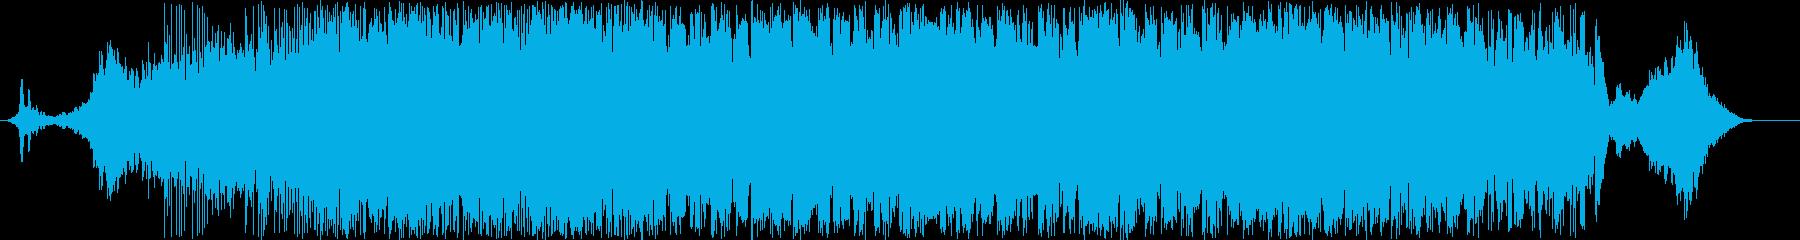 動画 サスペンス 説明的 気分が良...の再生済みの波形